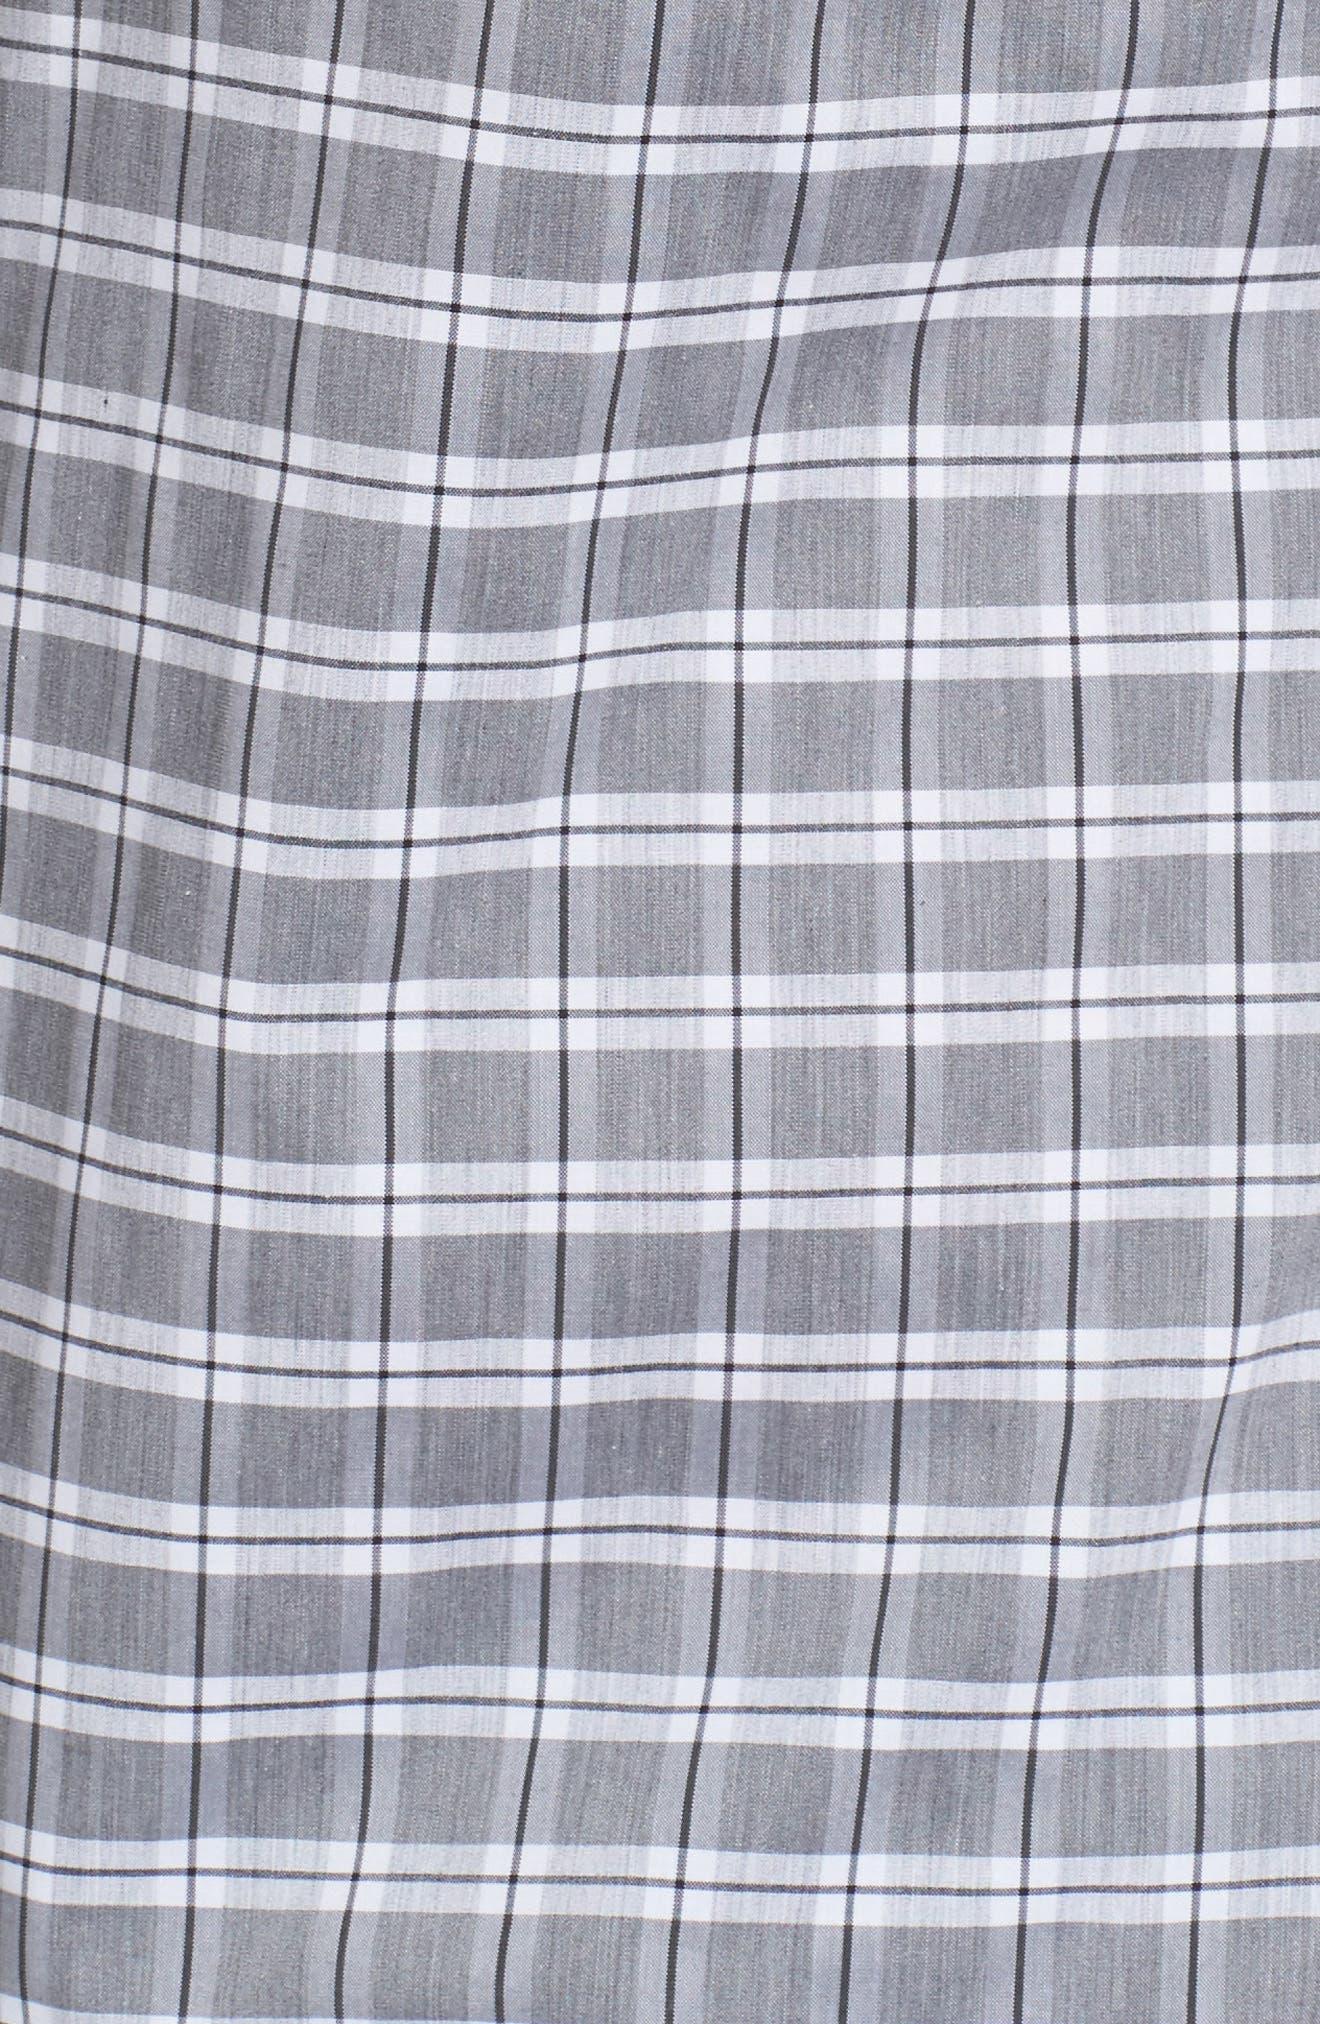 Trim Fit Tech-Smart Heather Check Sport Shirt,                             Alternate thumbnail 5, color,                             030